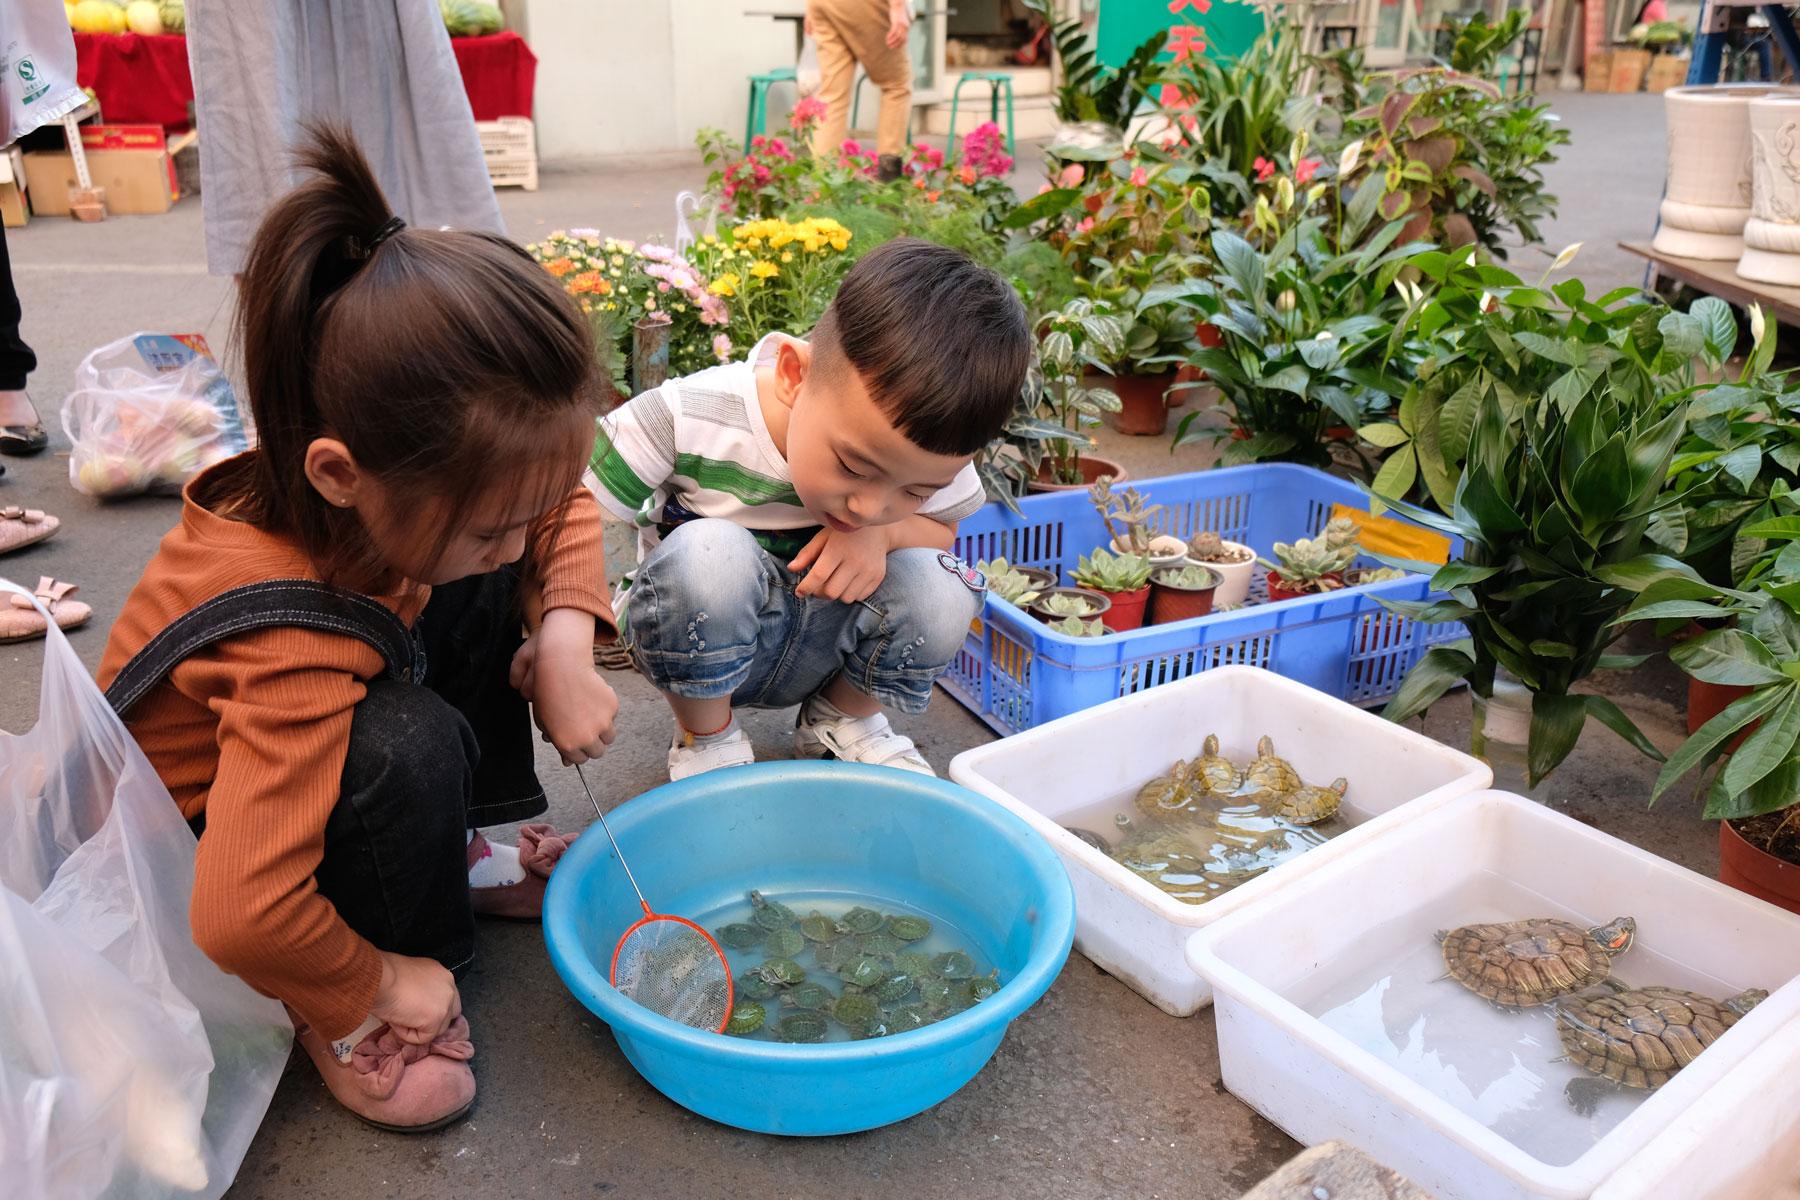 Freizeitbeschäftigung: Kinder keschern kleine Schildkröten...